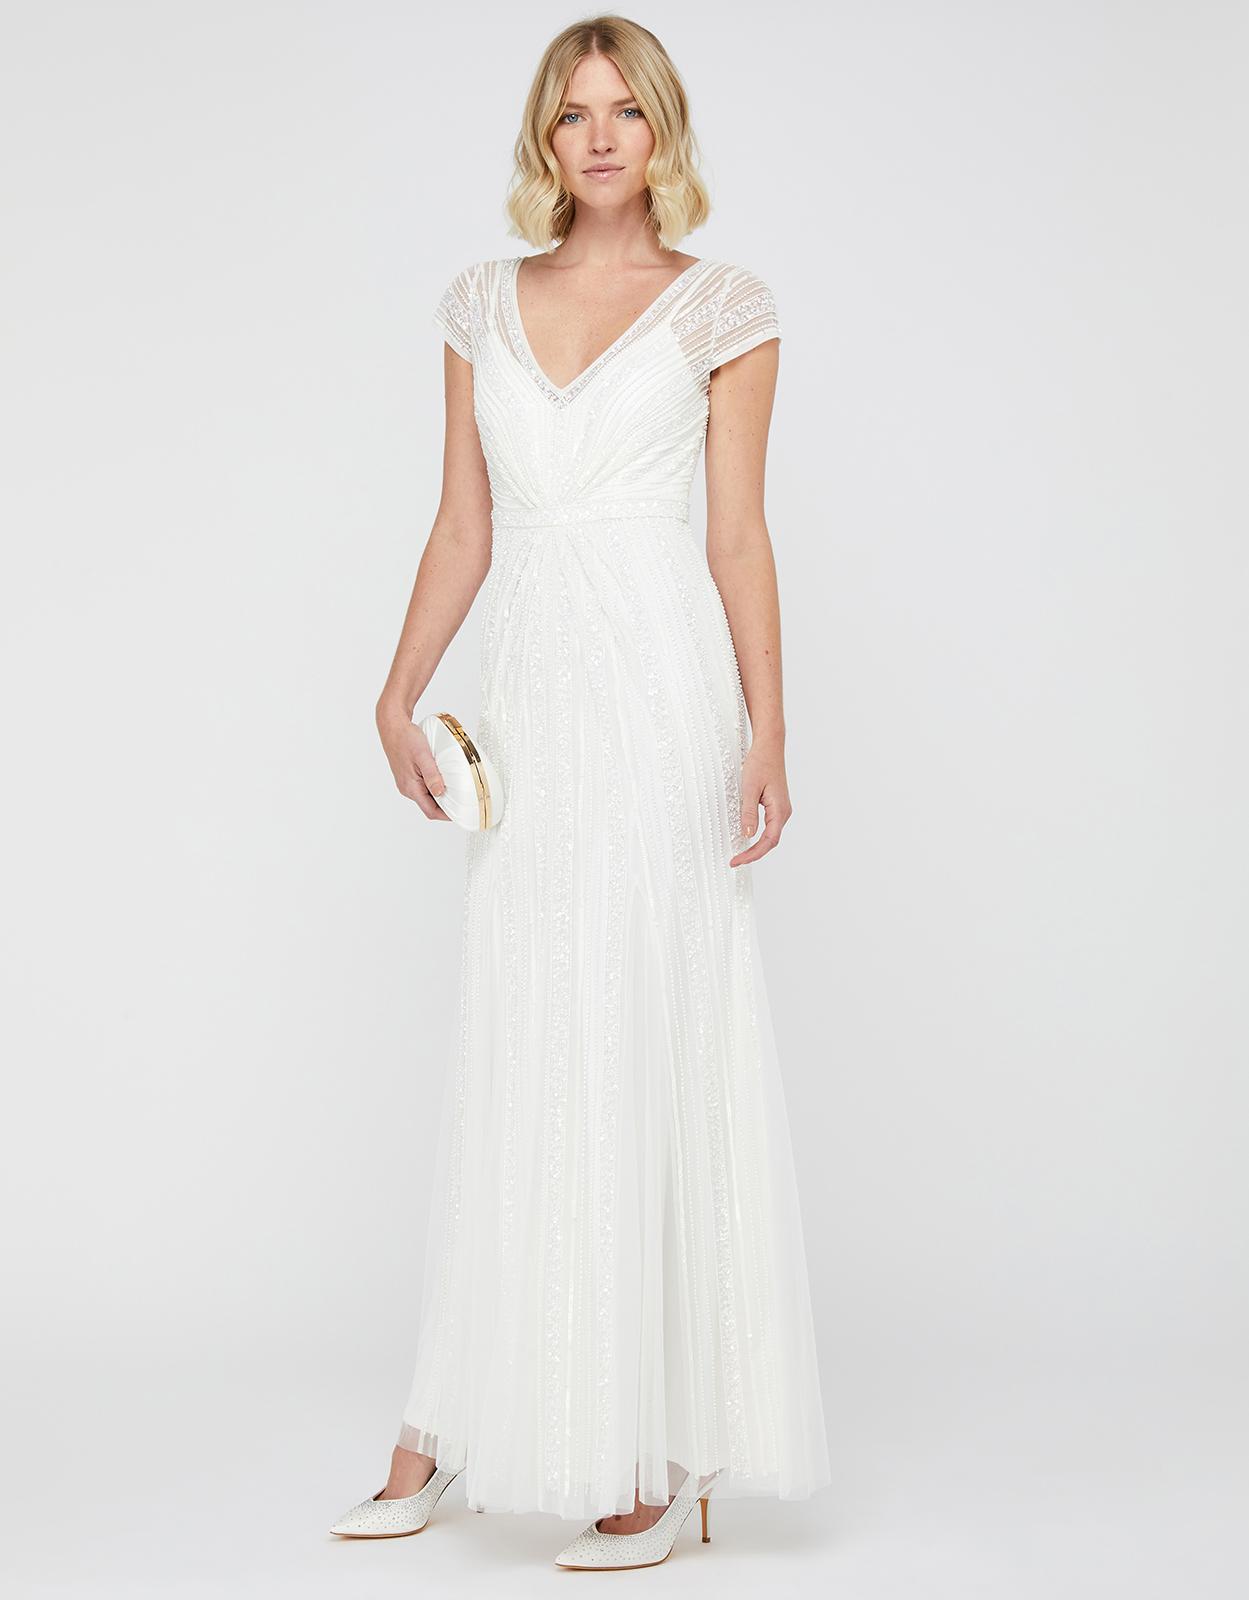 Monsoon Nora Embellished Fishtail Bridal Dress Ivory